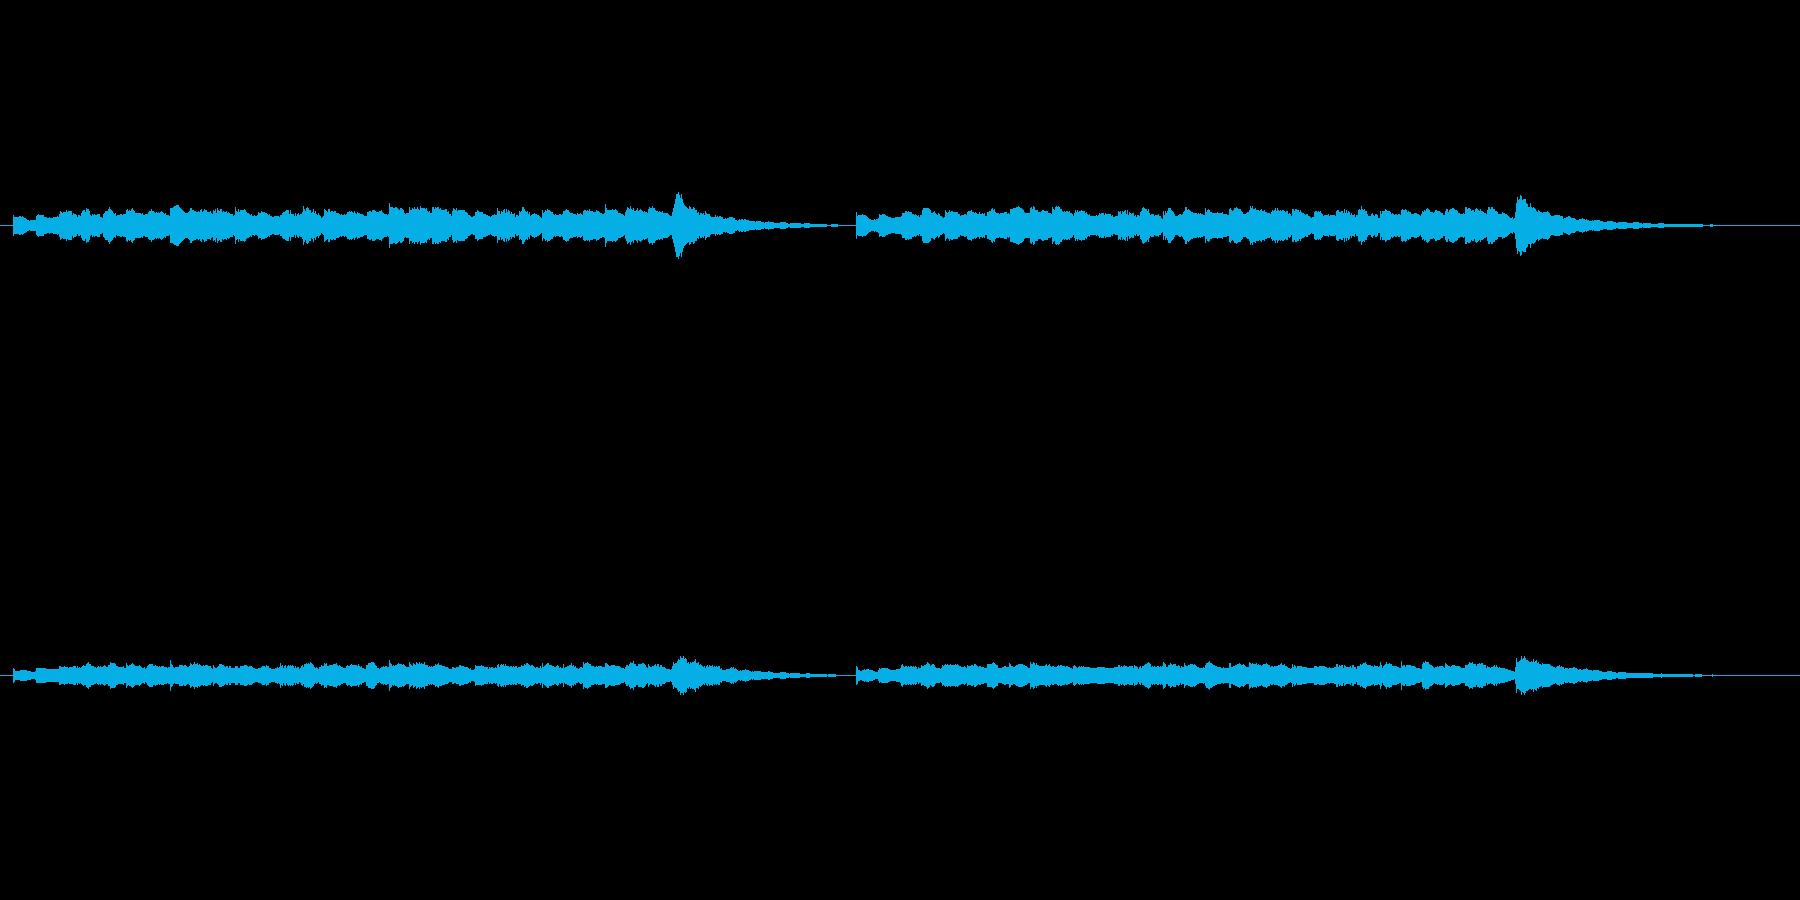 開演前のチャイム音の再生済みの波形